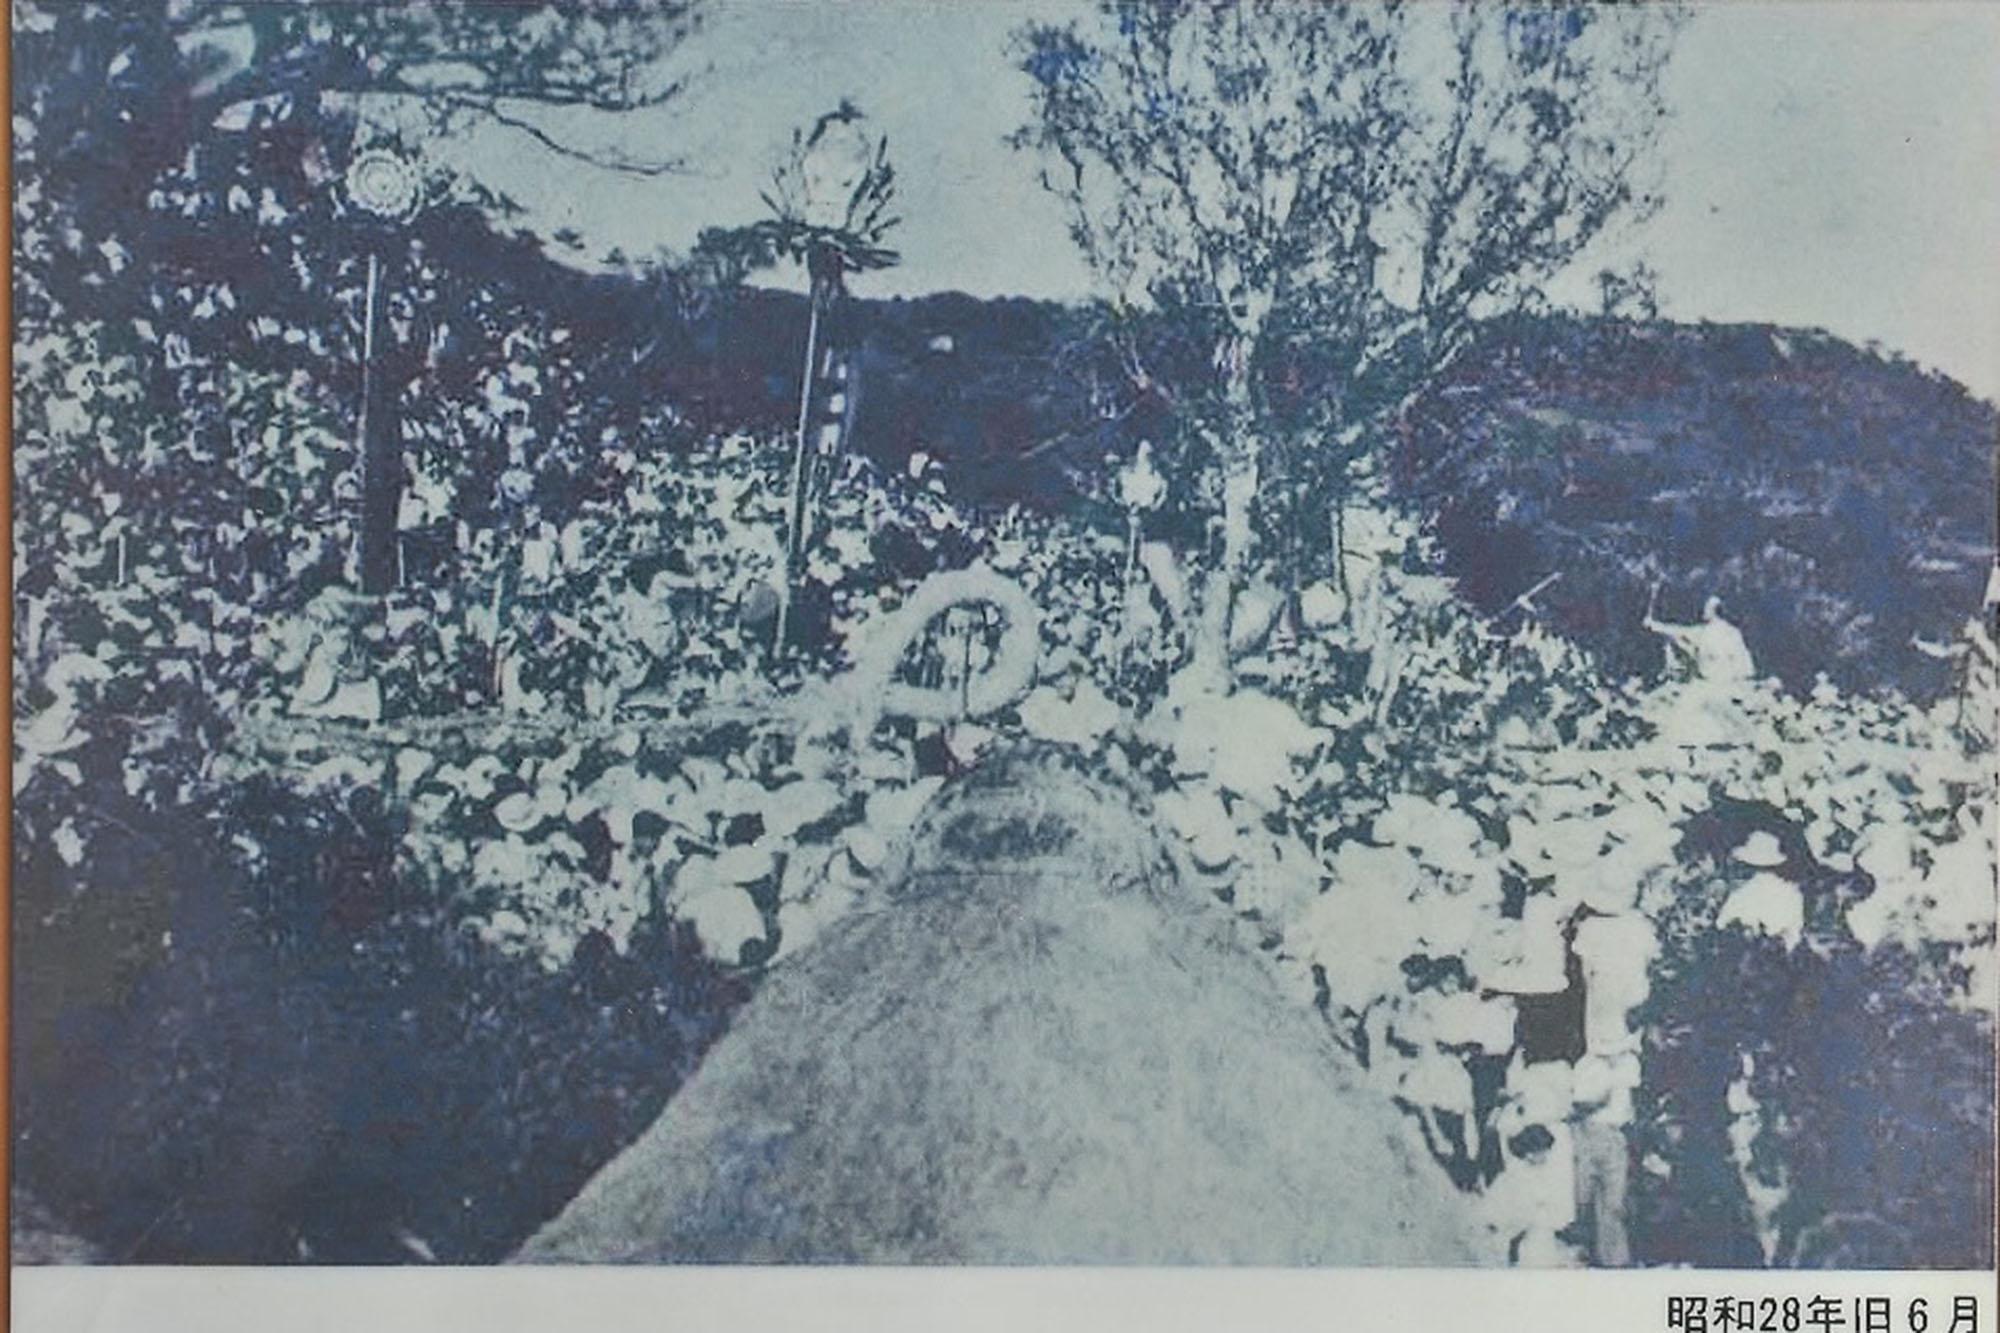 『大城』といえば『綱引き』。県内有数の荒々しさで有名に / 南城市 旧大里村大城|おきなわアーカイブ